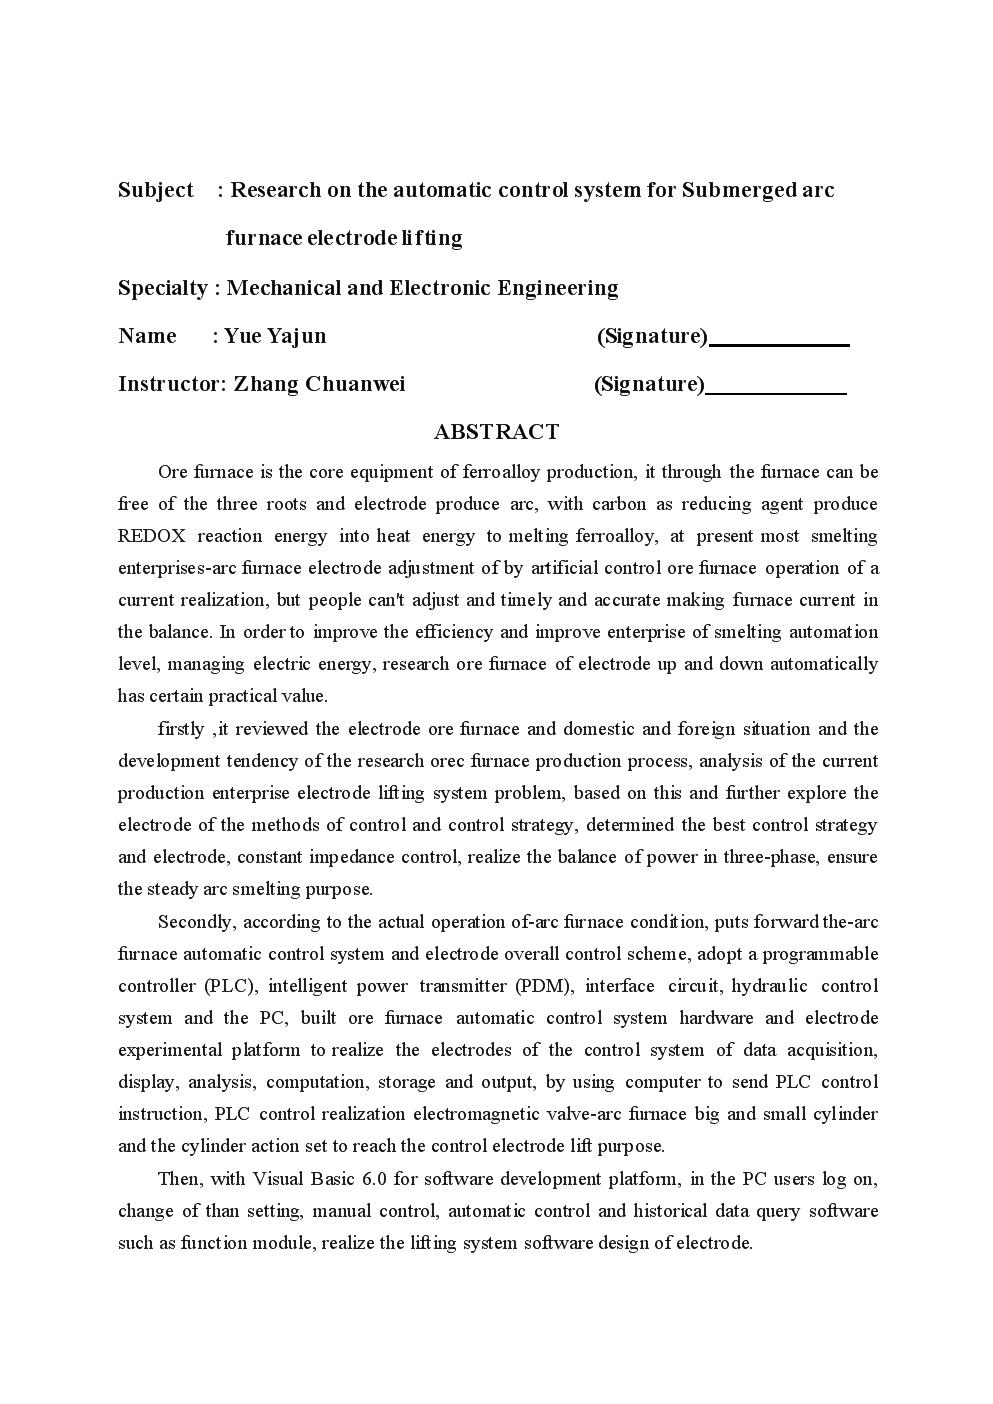 矿热炉电极自动升降控制系统研究-机械电子工程专业论文.docx